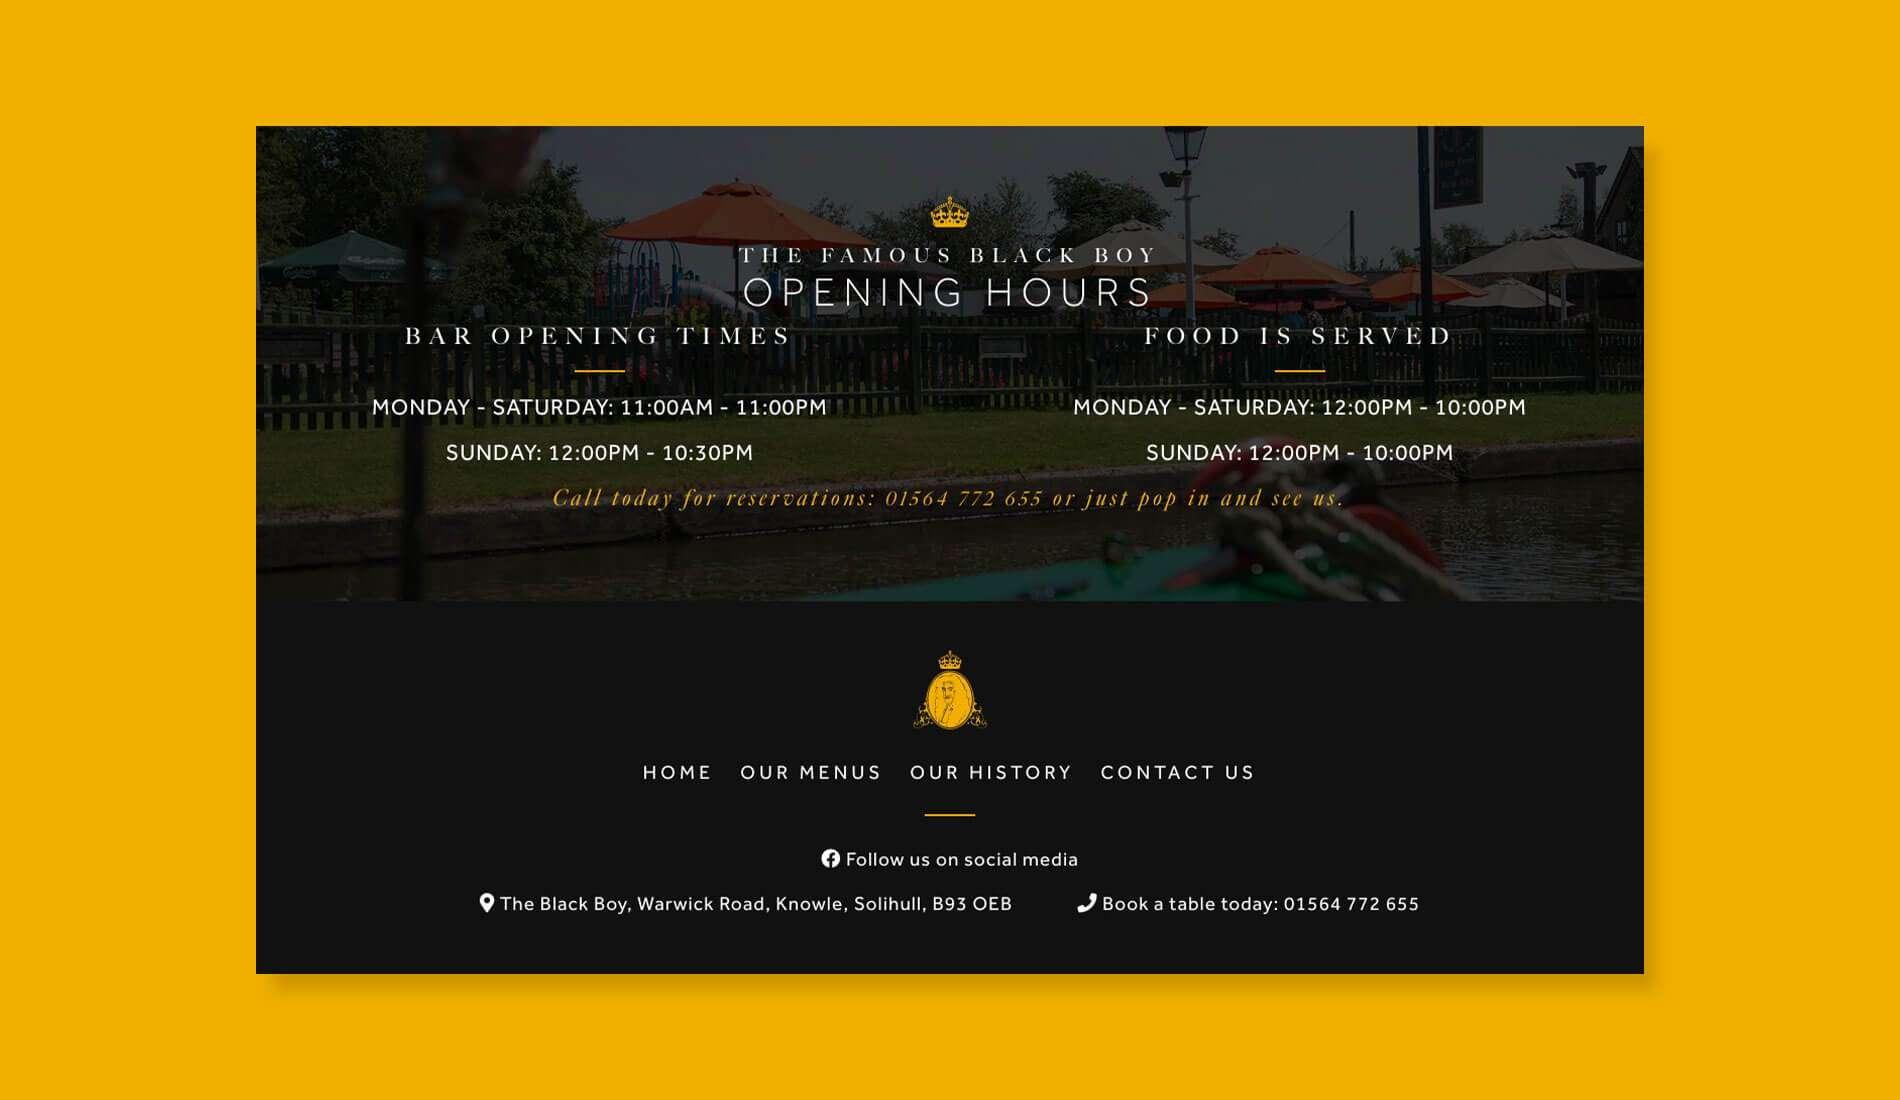 Blackboy website design on coloured background